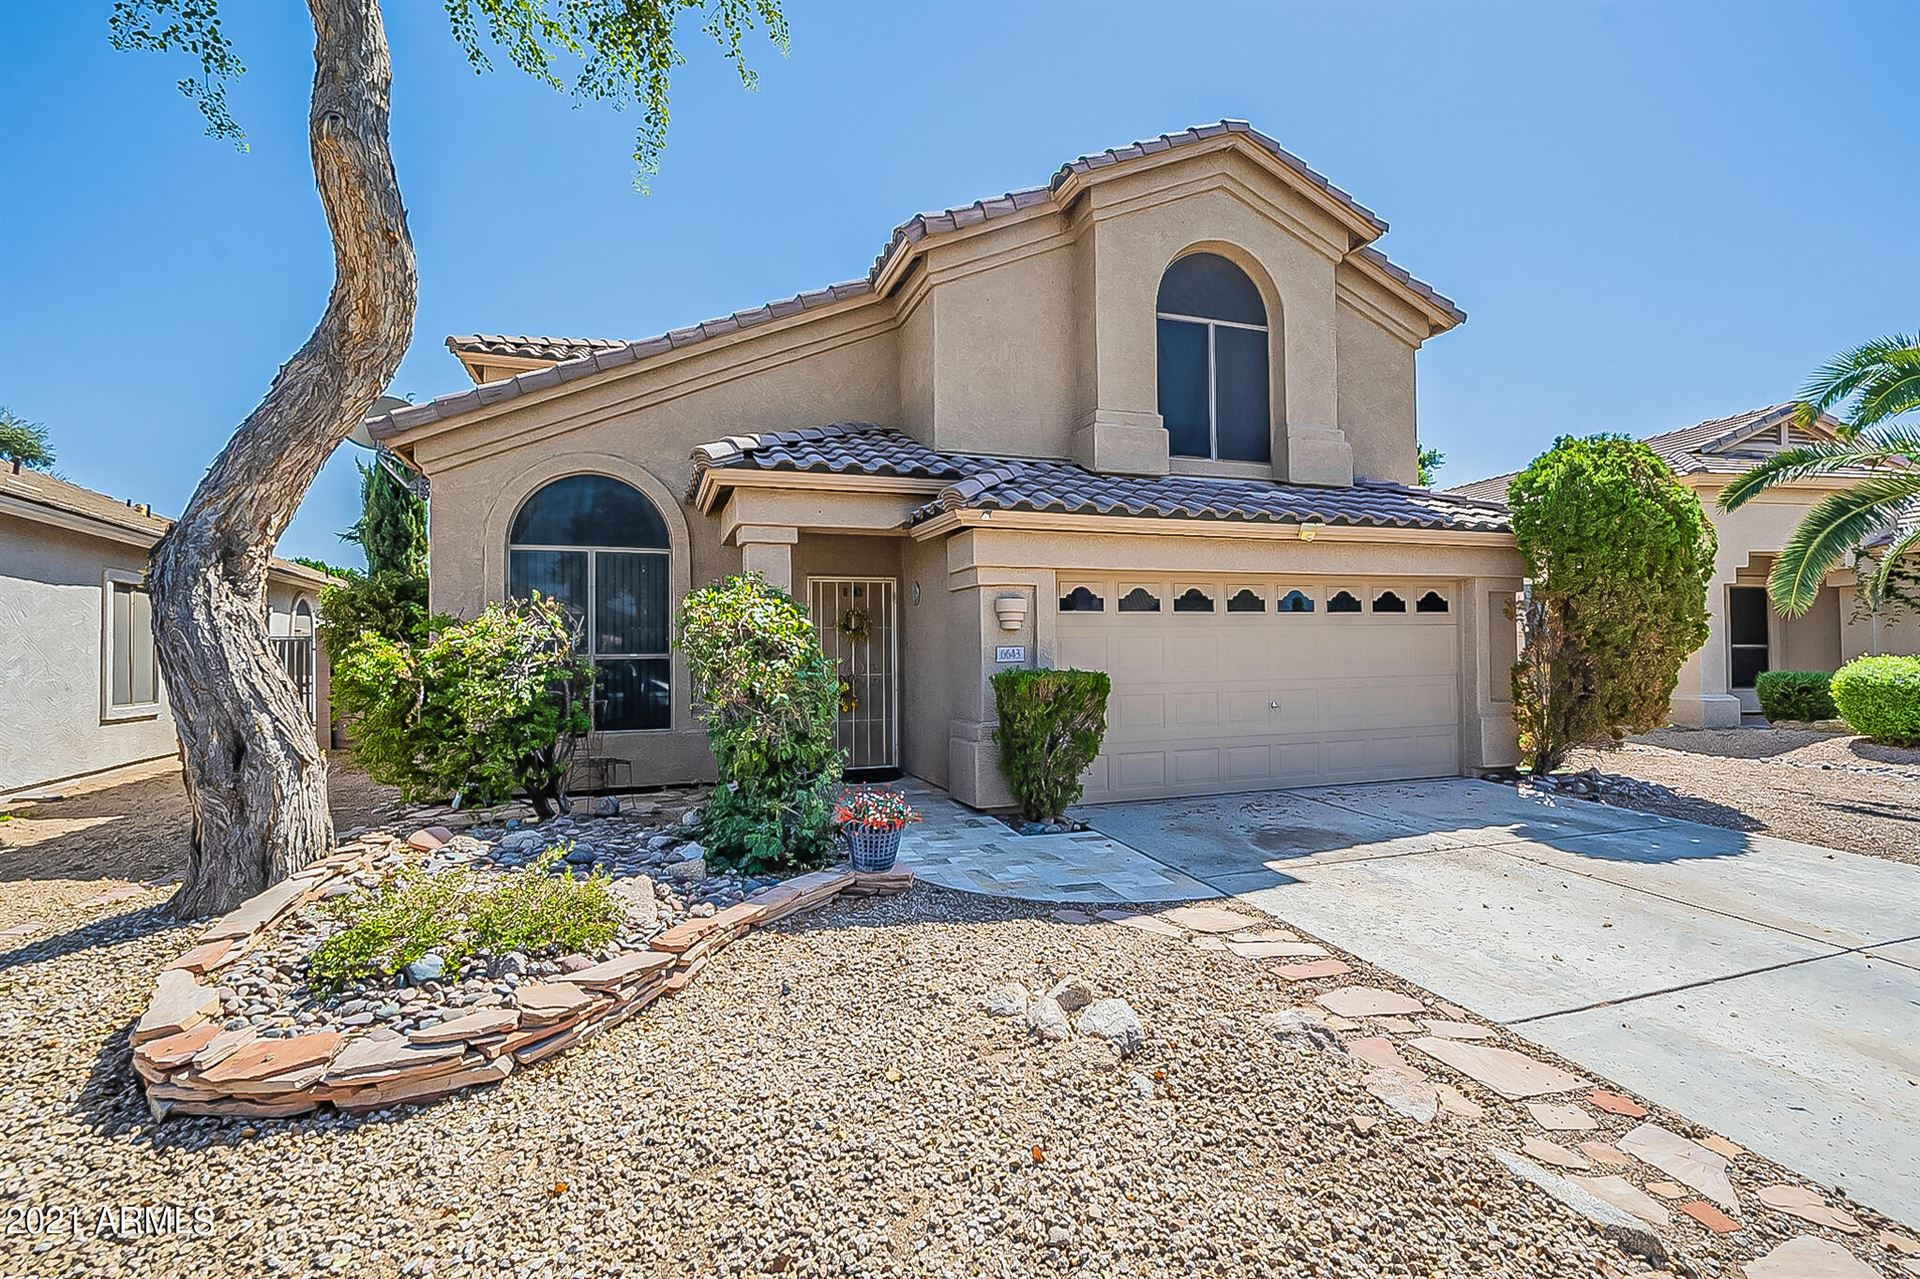 Photo of 6643 W MONONA Drive, Glendale, AZ 85308 (MLS # 6289376)